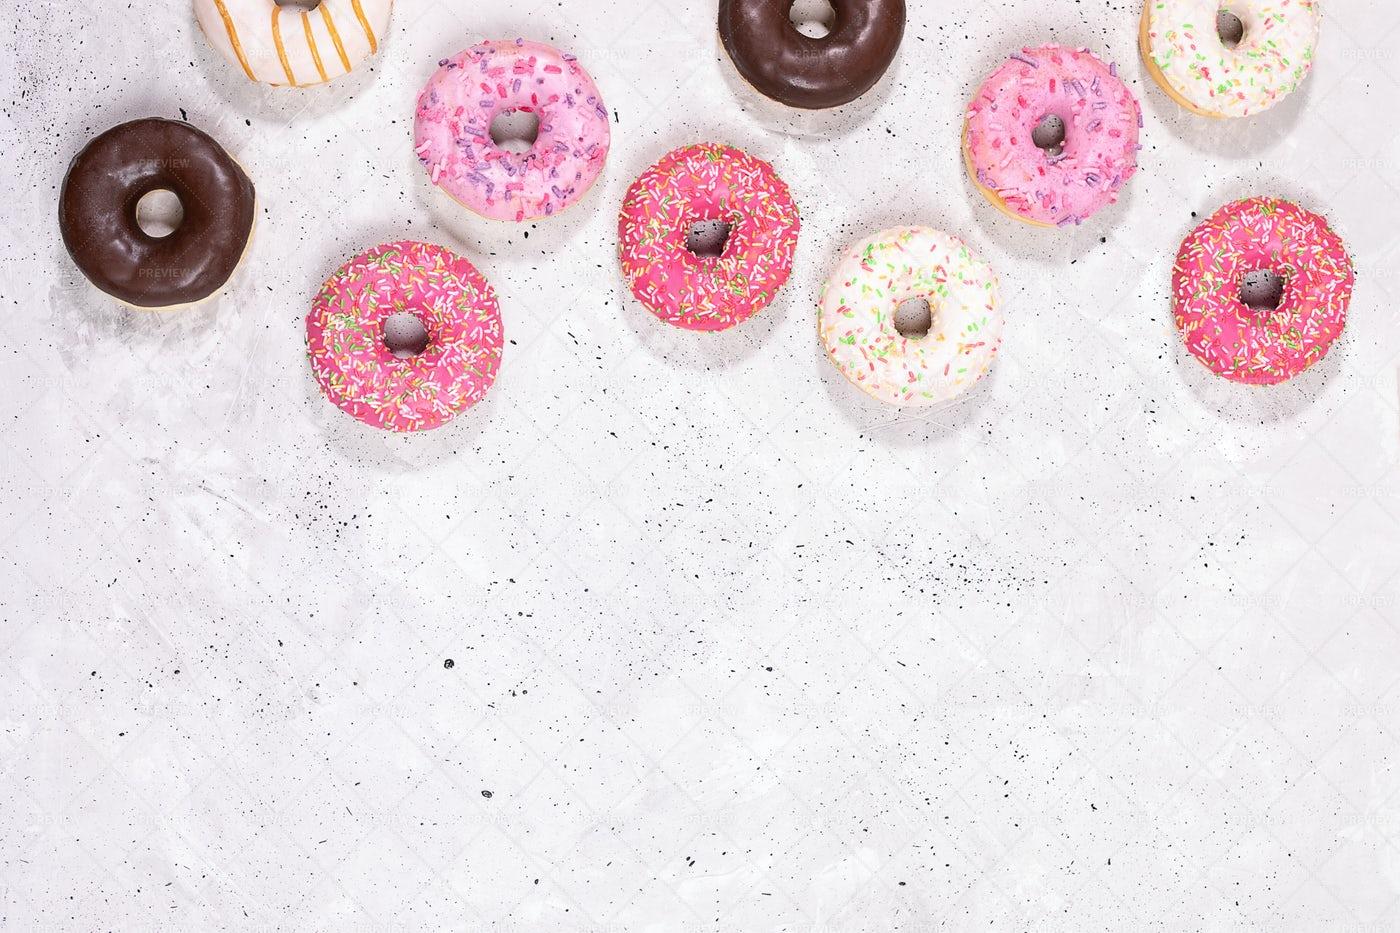 Top View Doughnuts On Concrete.: Stock Photos